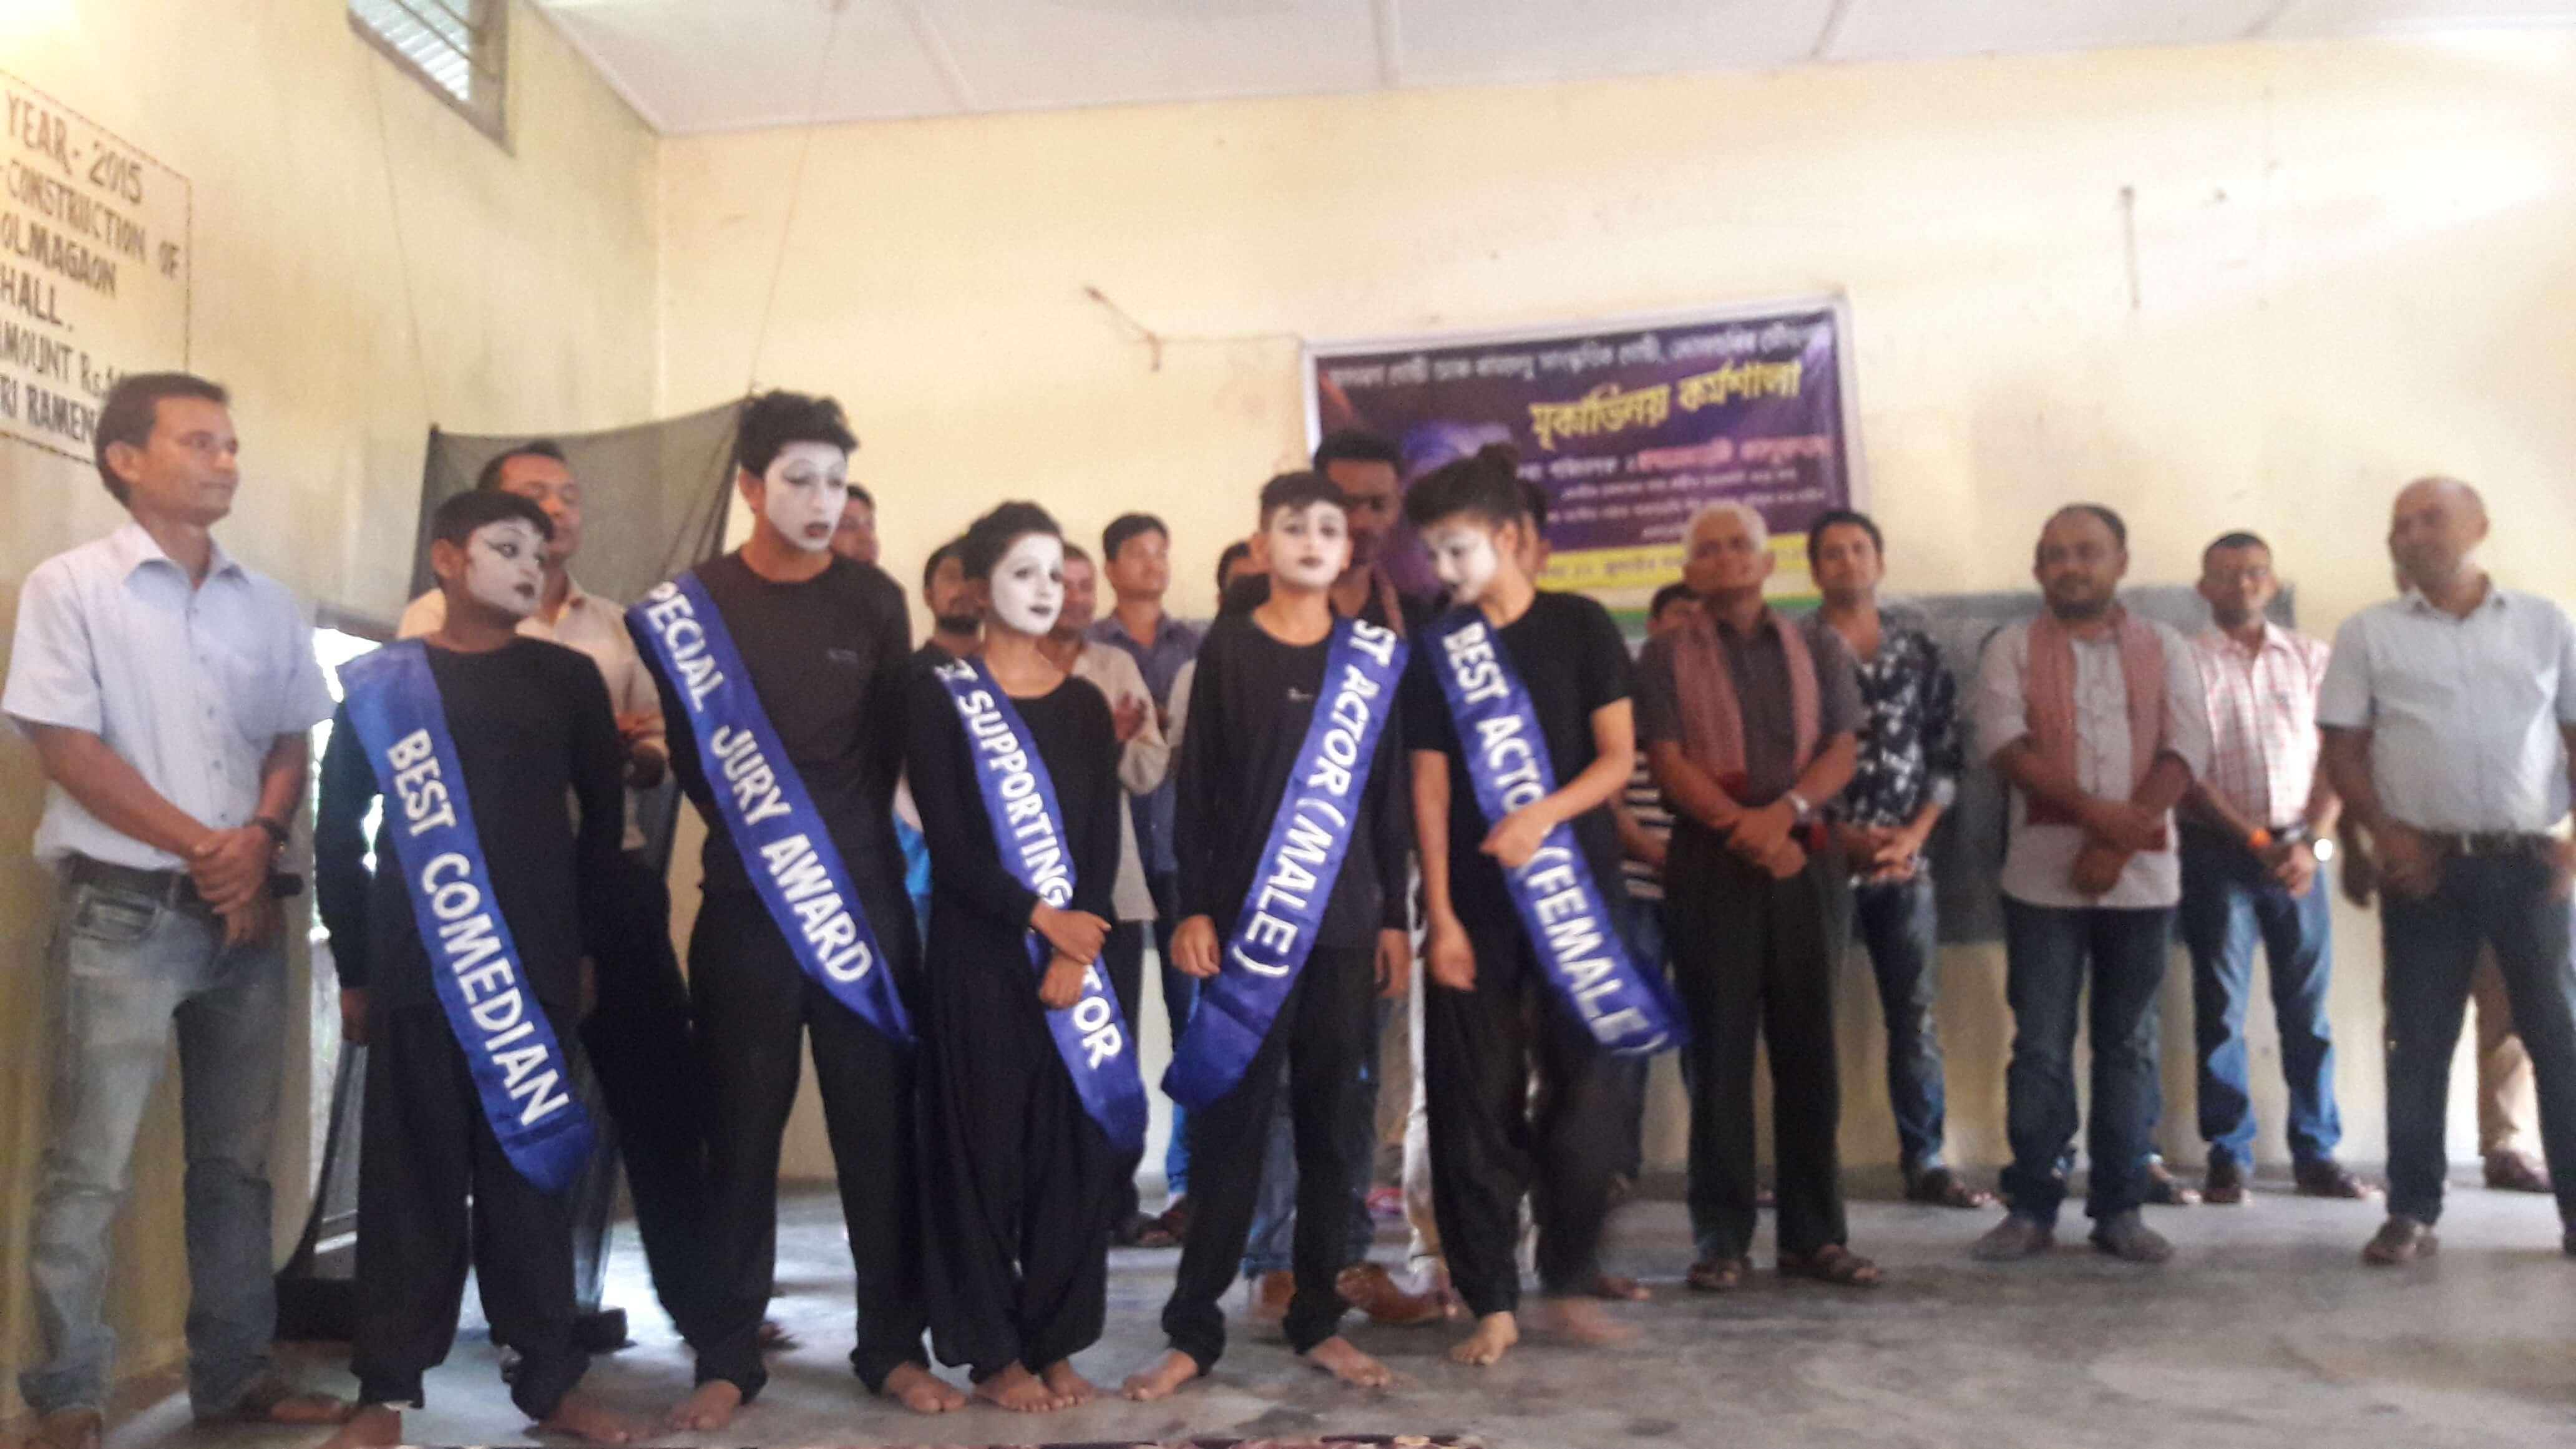 Mime Workshop Ends at Udalguri, Assam